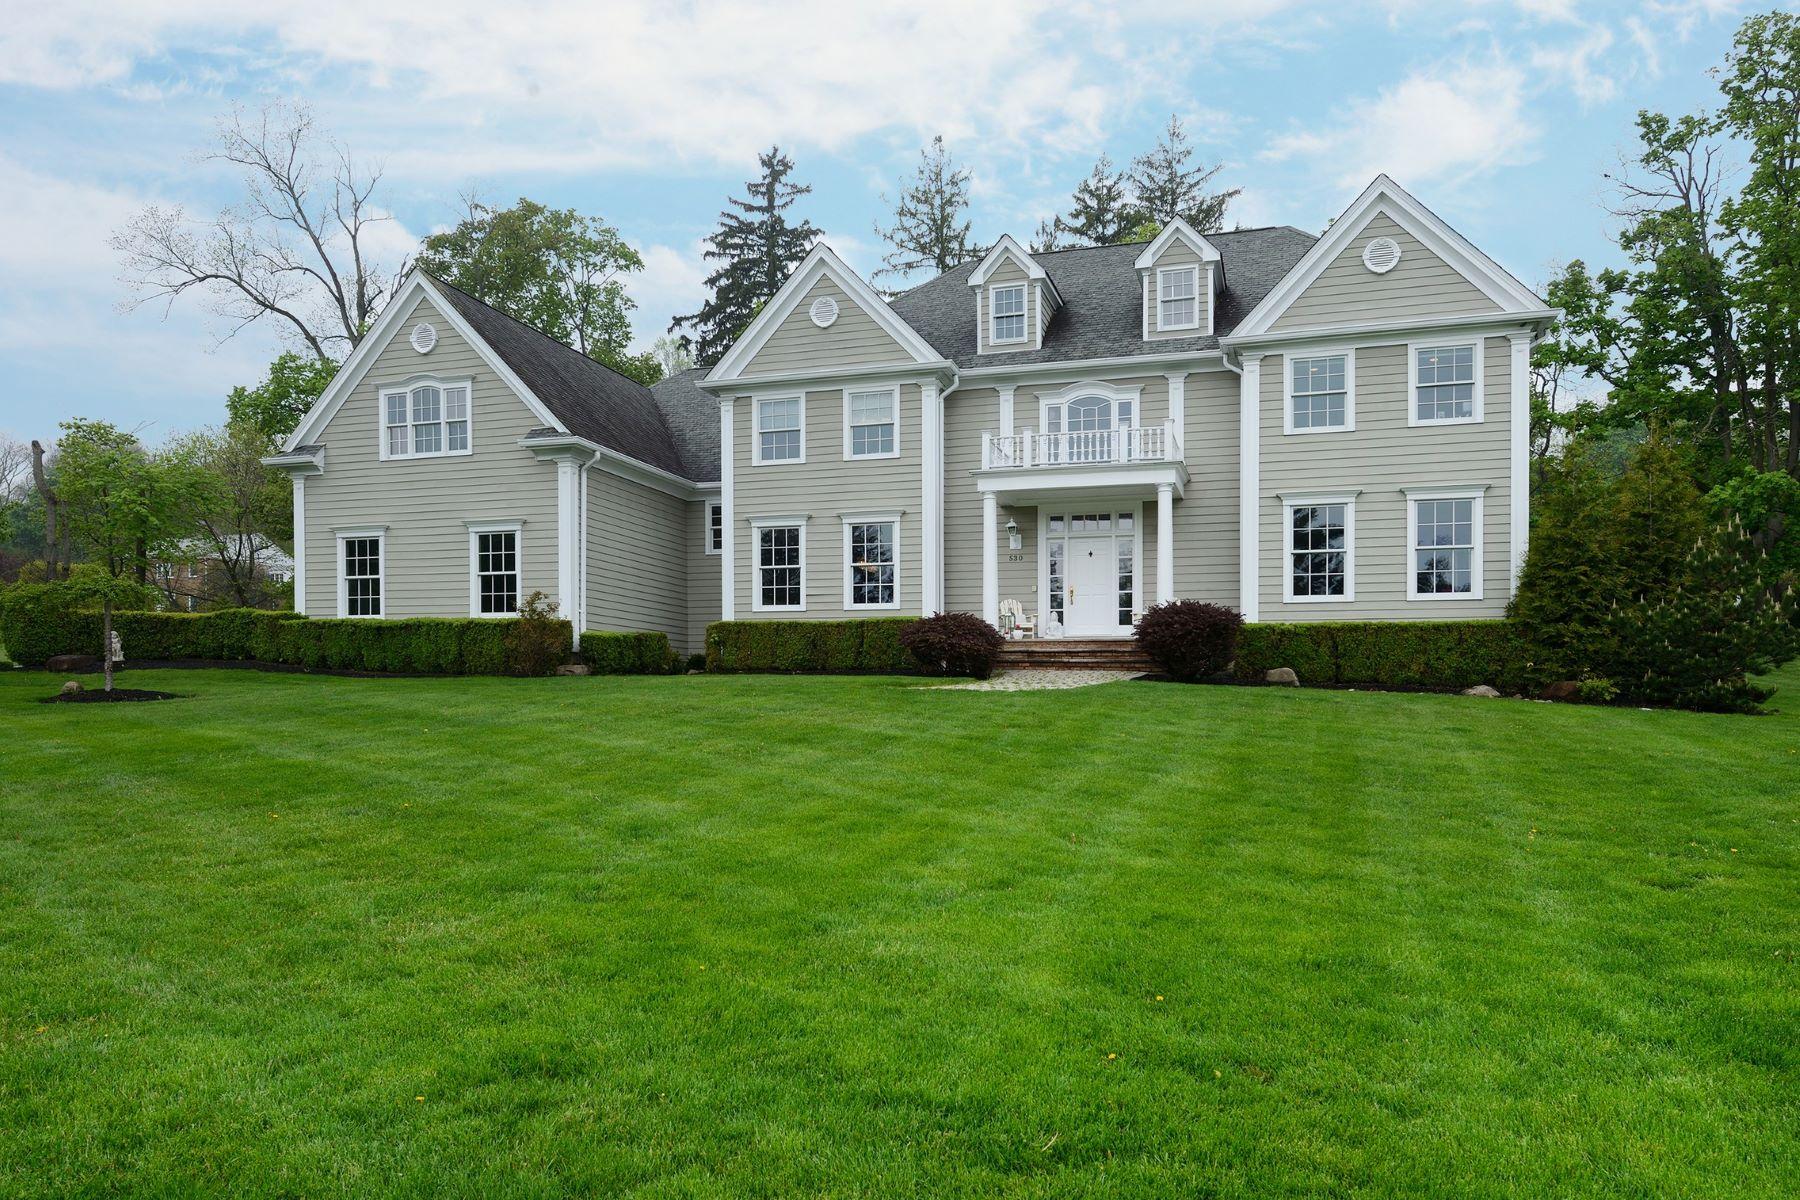 一戸建て のために 売買 アット Stately Revival Style Colonial 530 North Broadway Upper Nyack, ニューヨーク, 10960 アメリカ合衆国